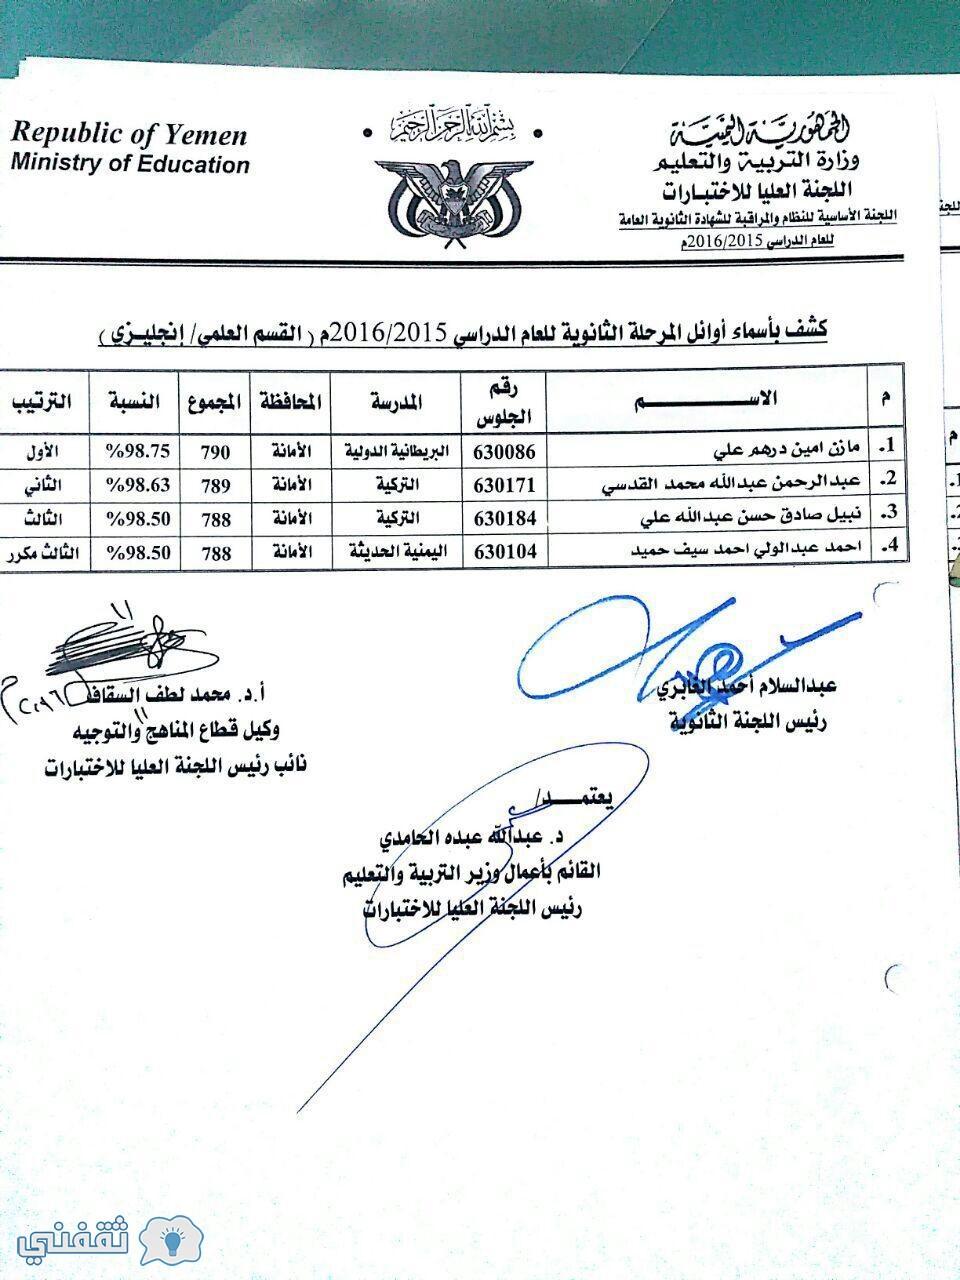 نتيجة-اليمن